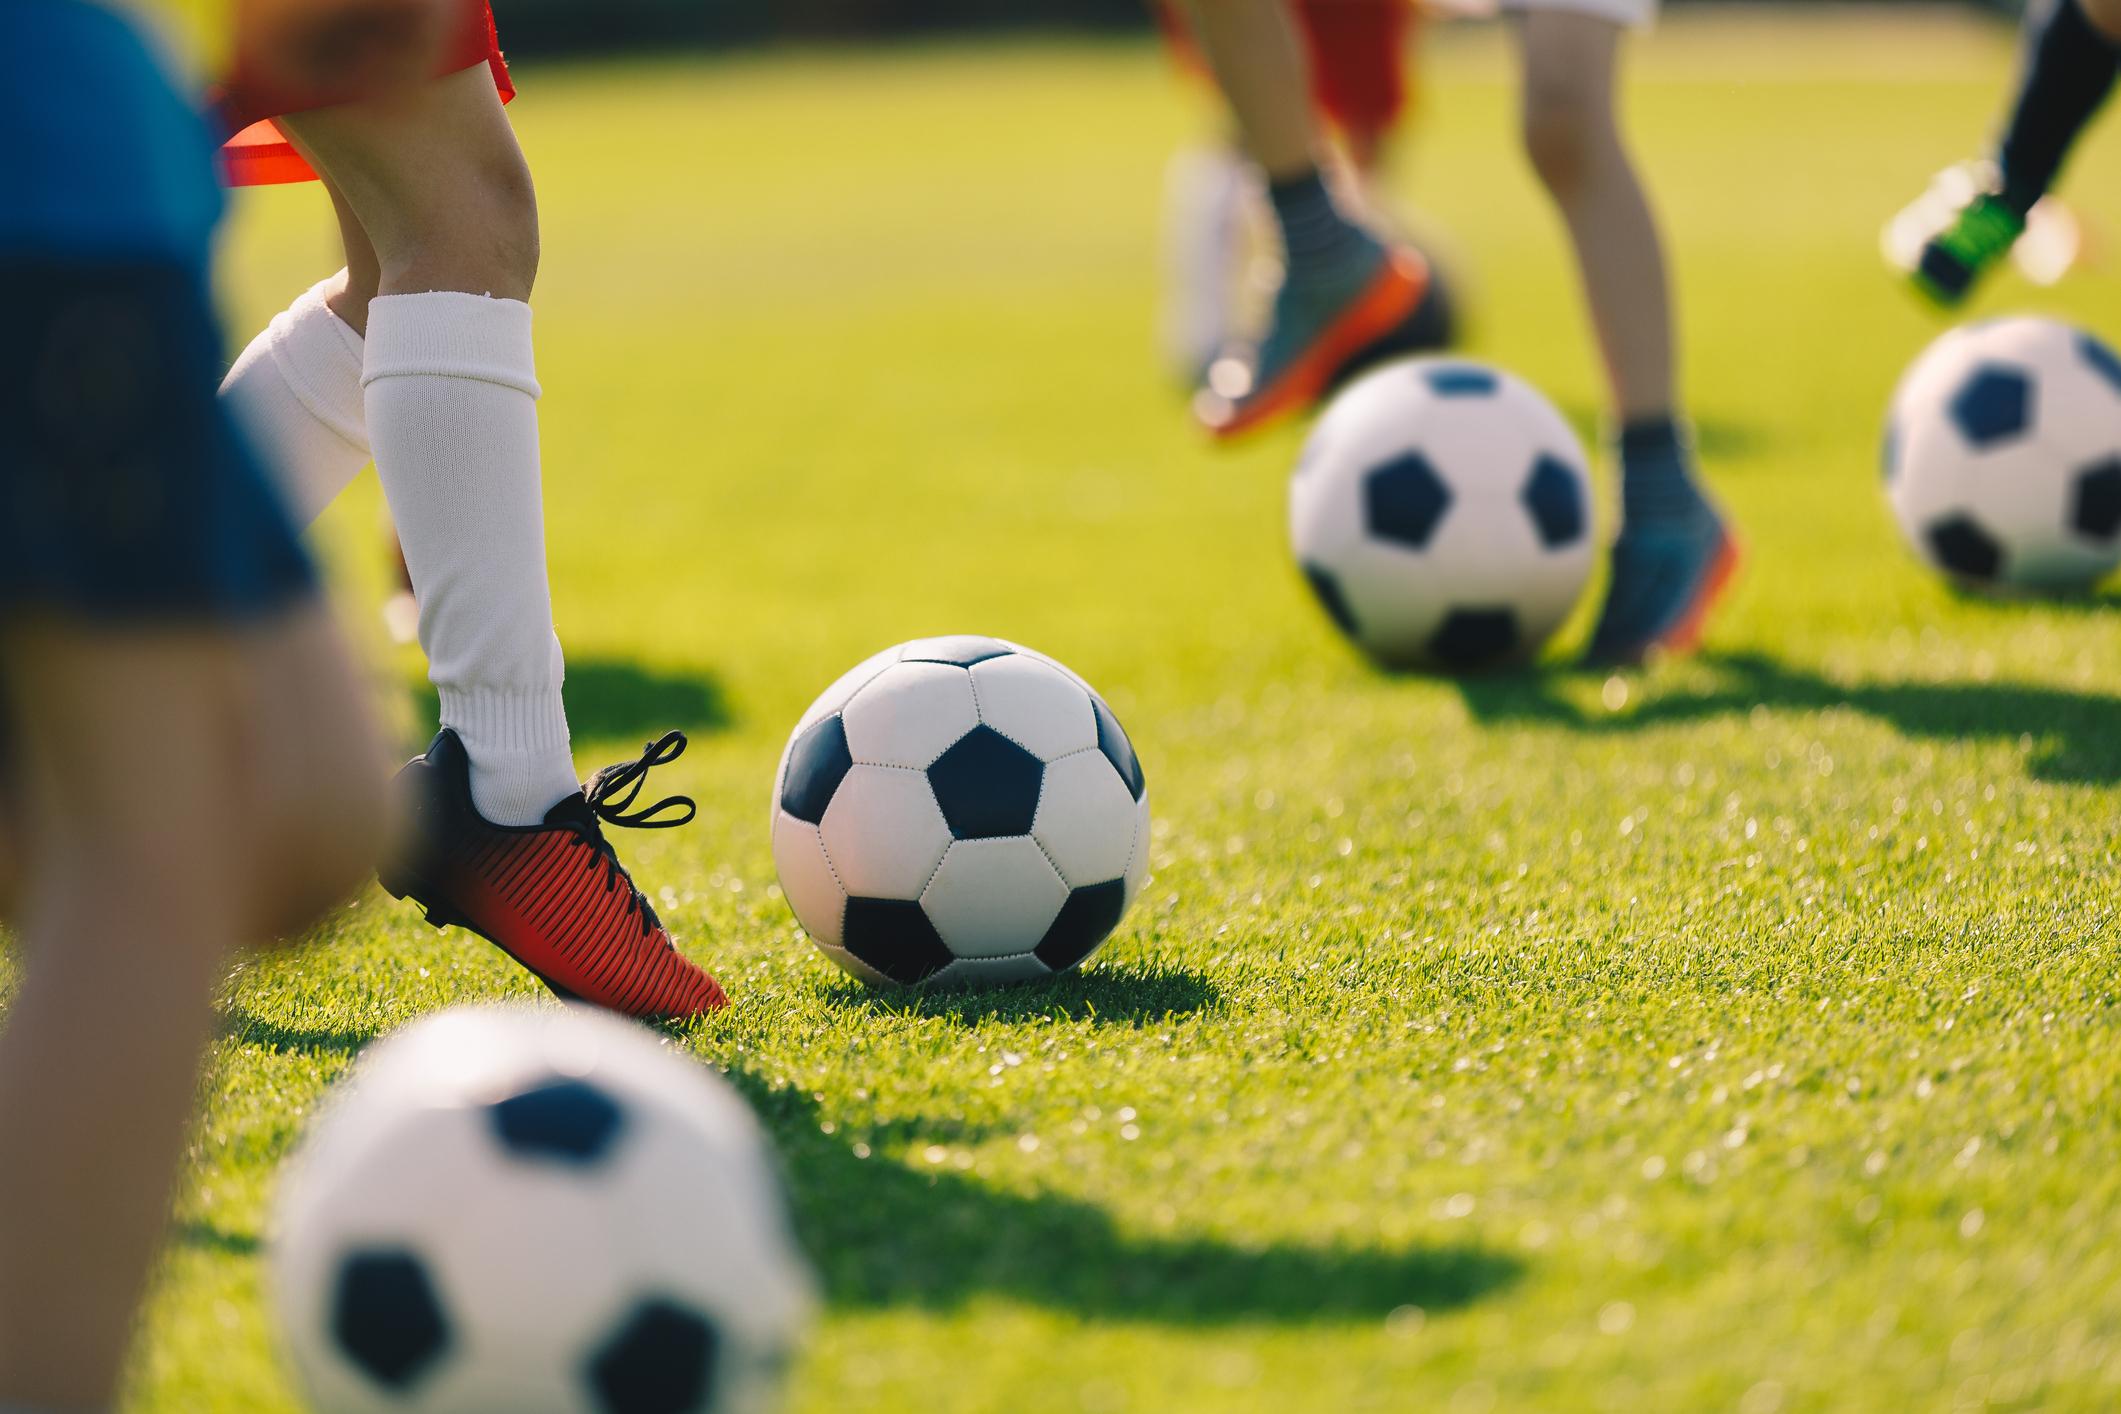 soccerlaplaine